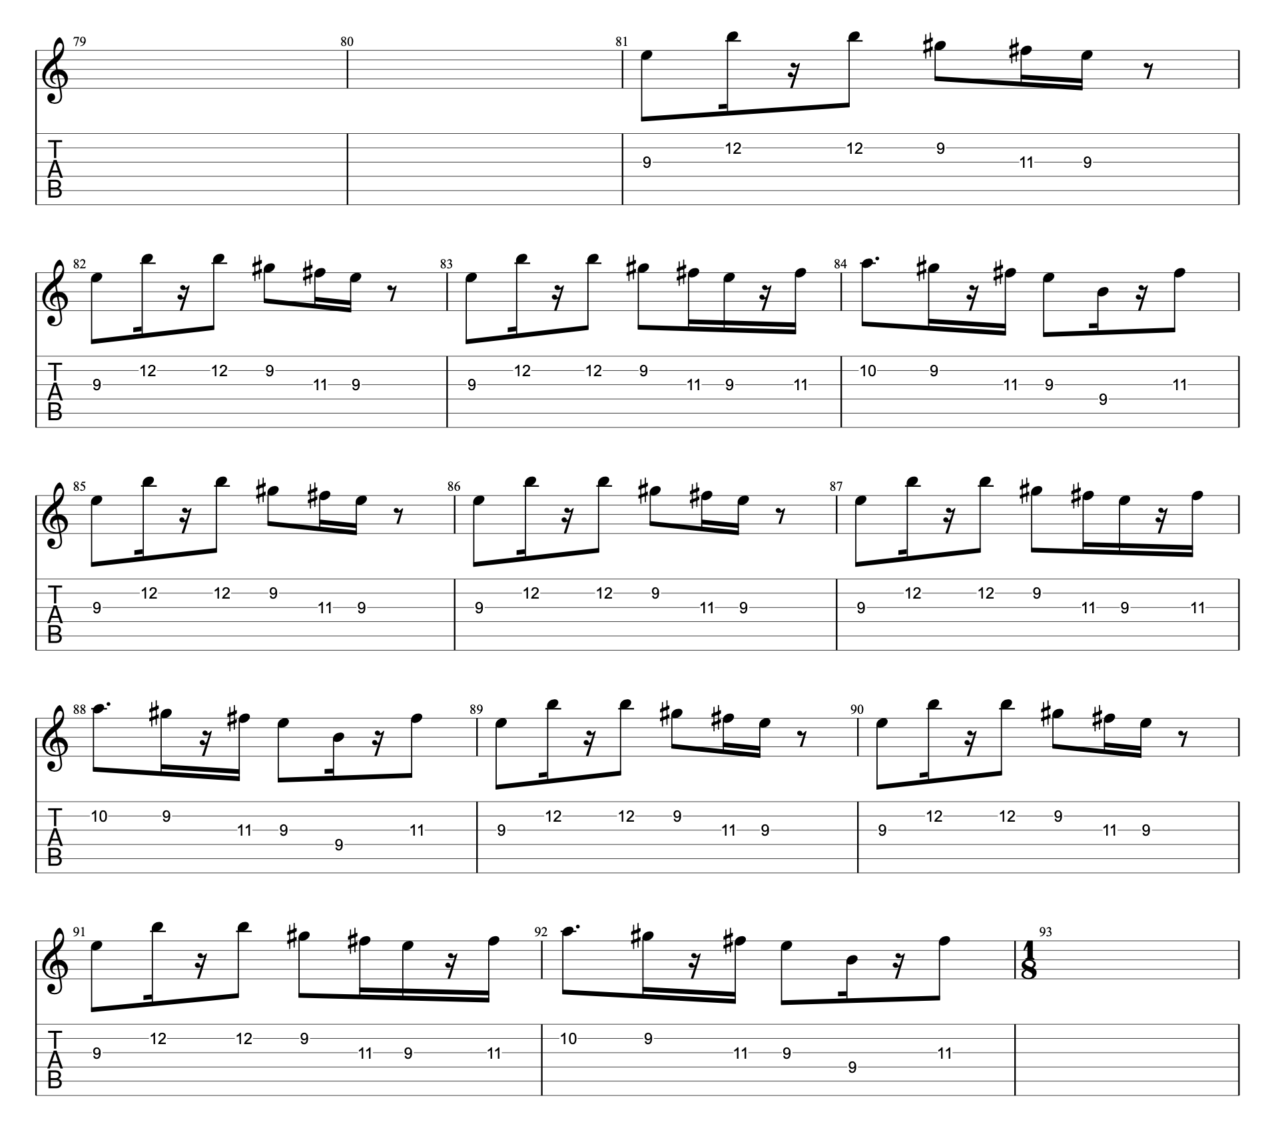 さわがしいまち|beco(騒音のない世界)のギターフレーズ解説!【楽譜(tab譜)付】 Cメロ